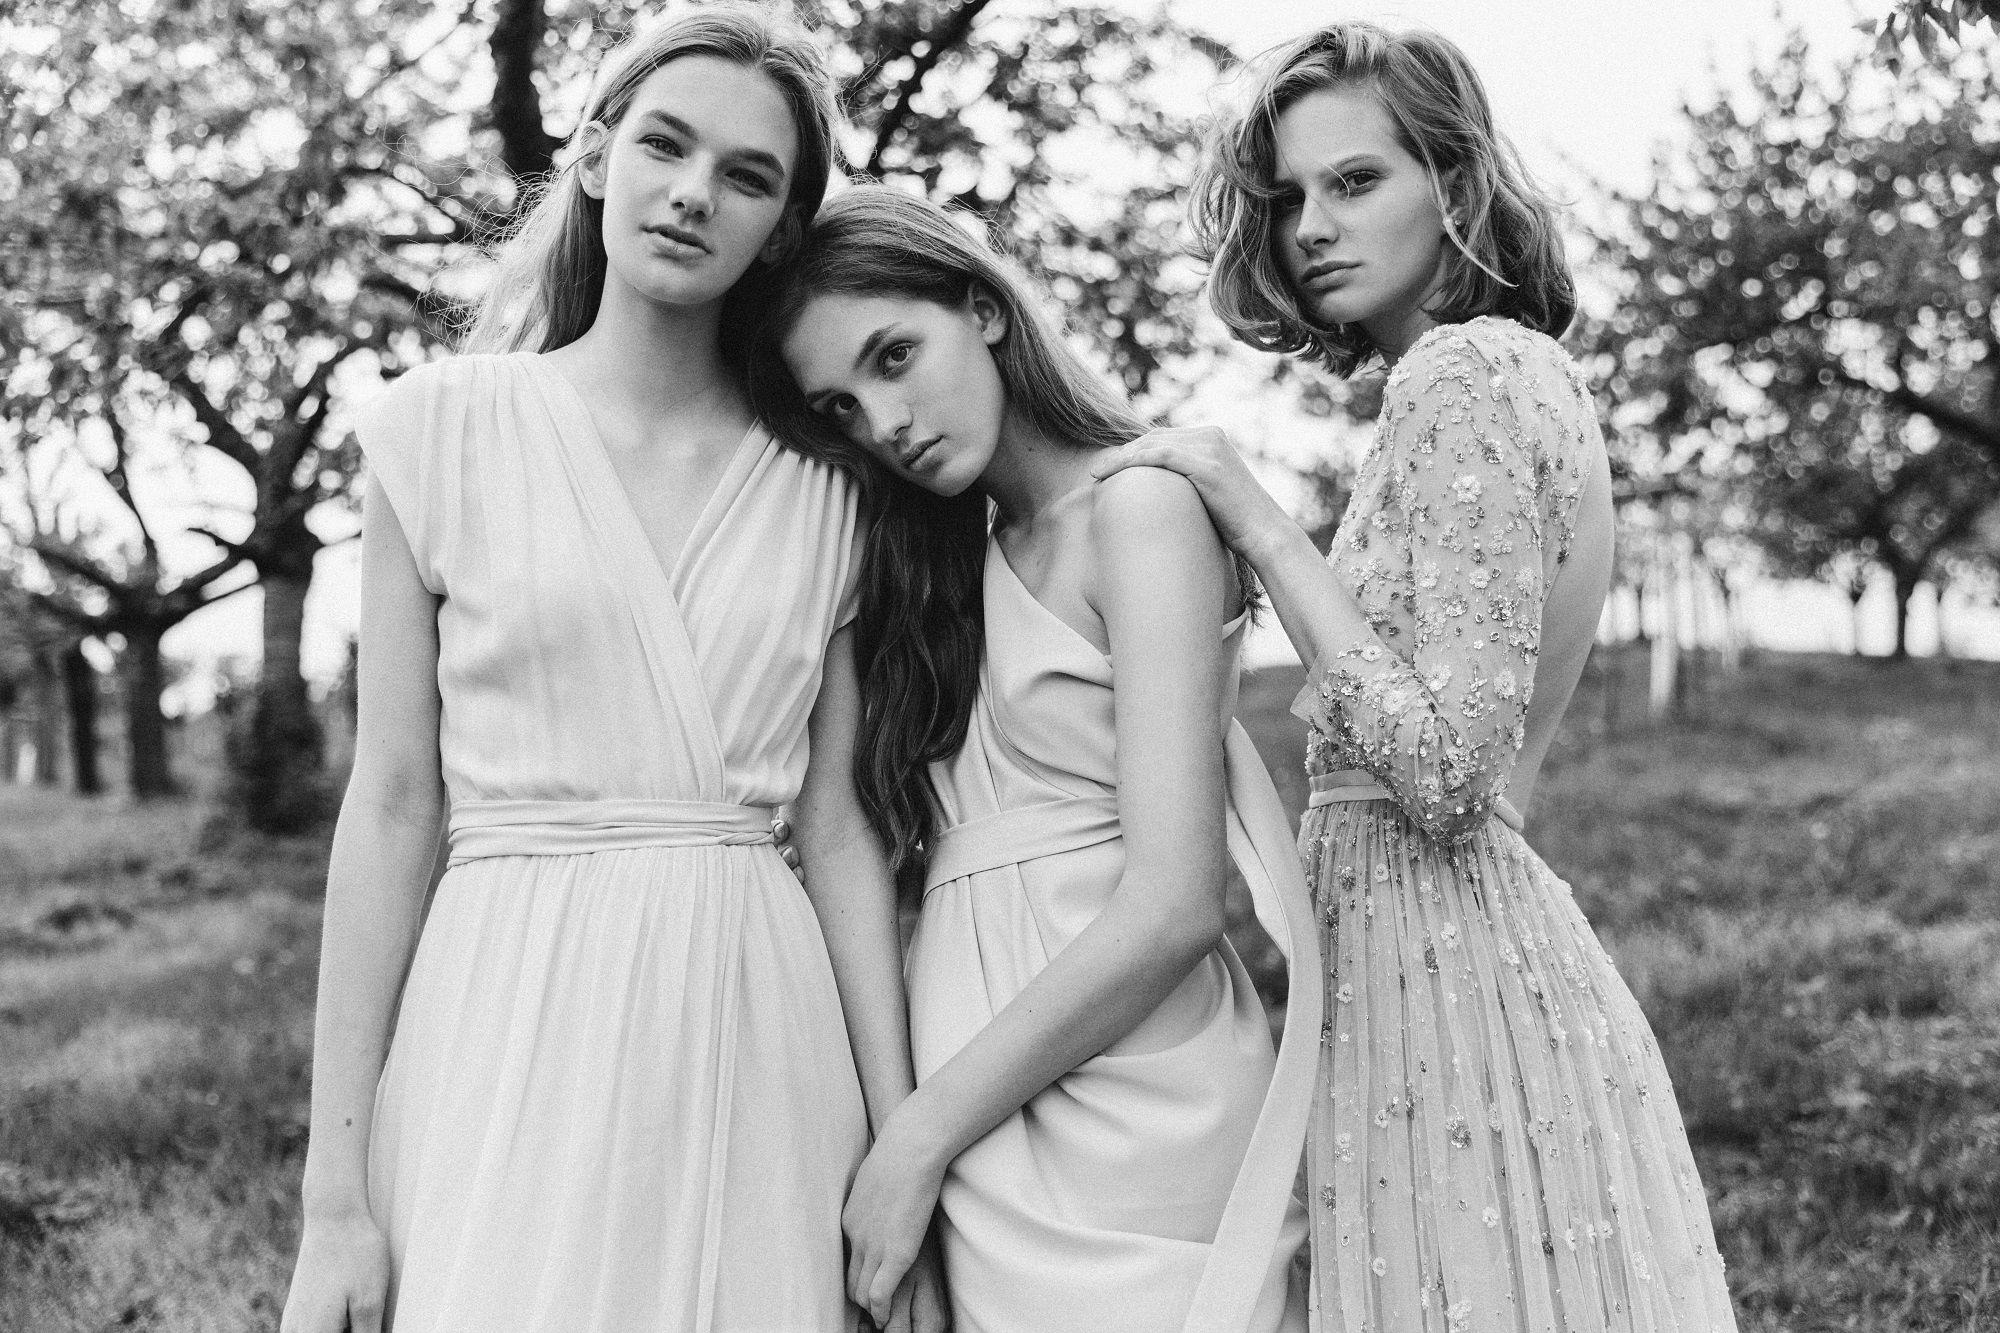 b6a4978440db Jedinečné svatební šaty podle českých návrhářů  Jak vybrat ty pravé